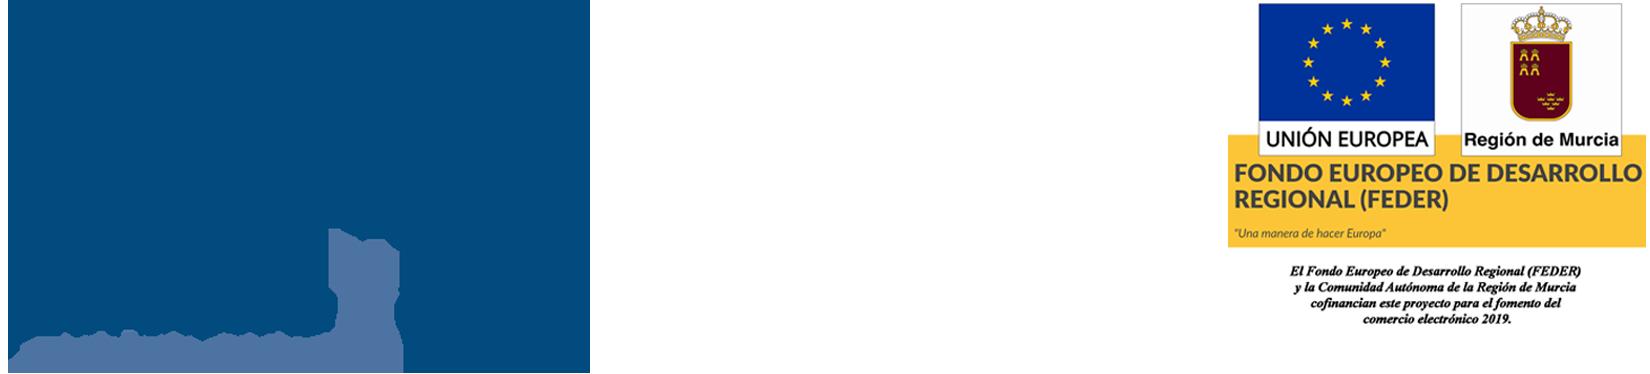 LOGO-AZUL6